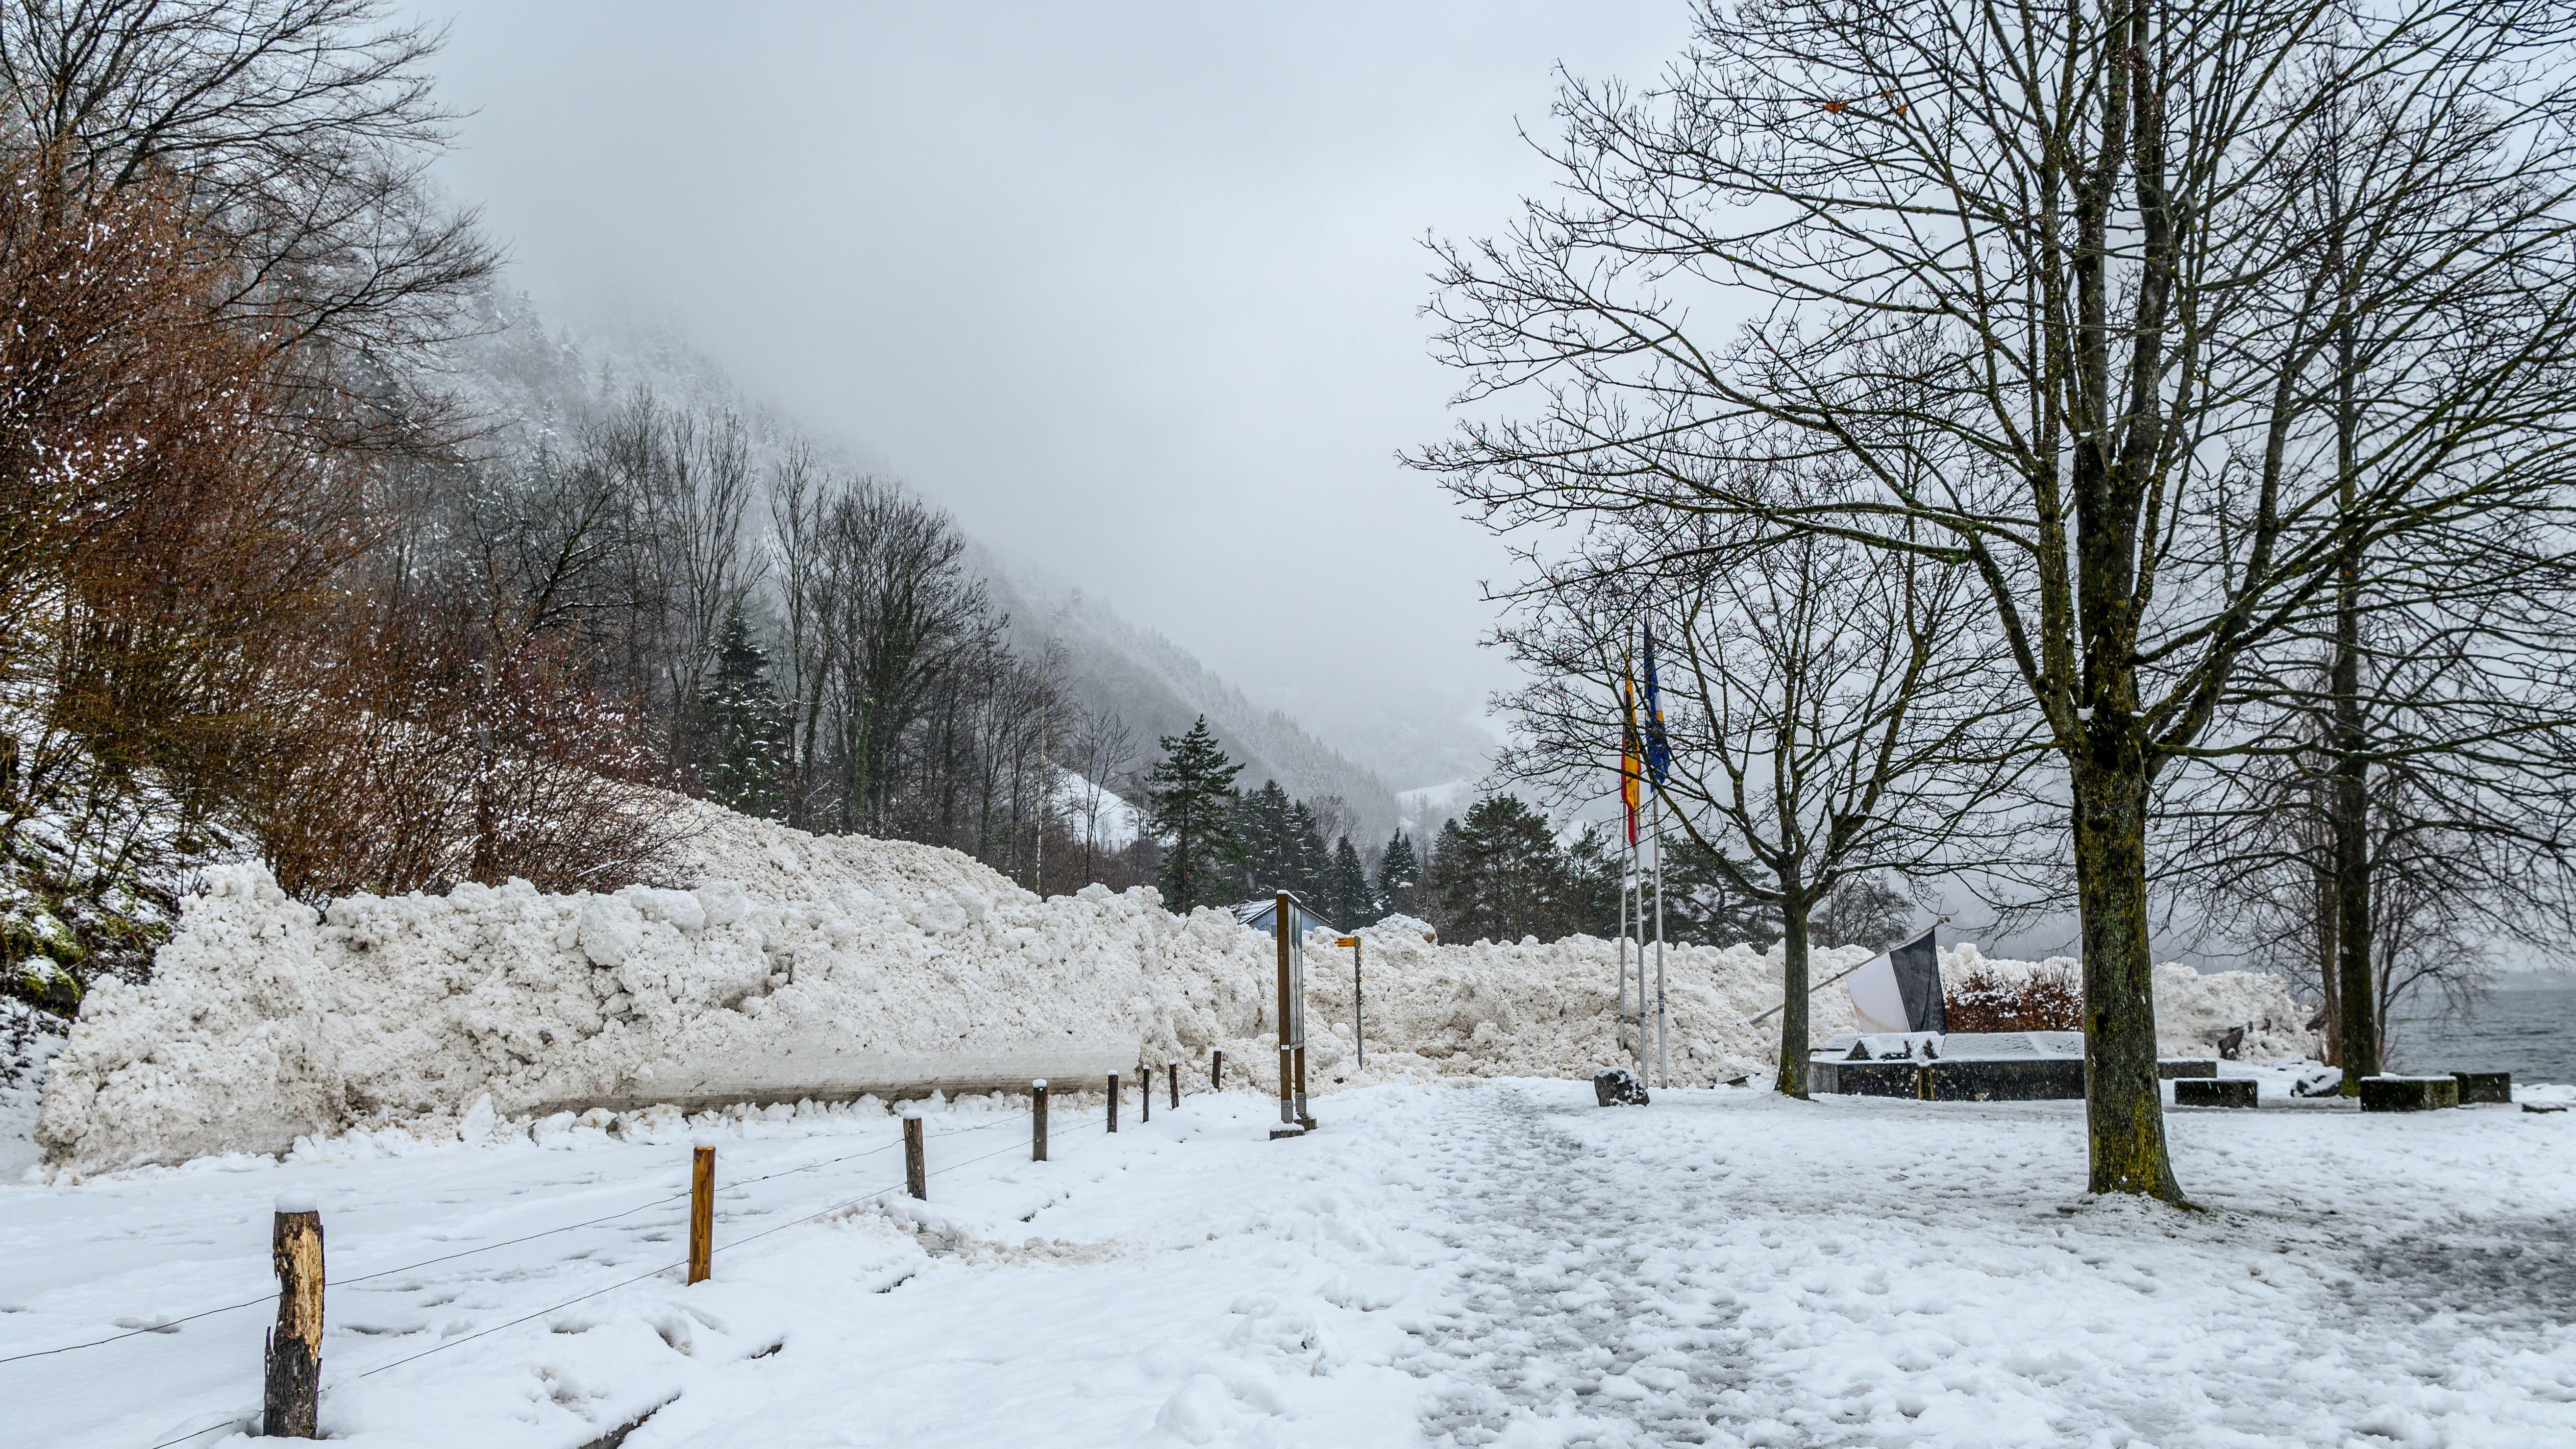 Die zweite Lawine brachte noch viel mehr Schnee als die erste.